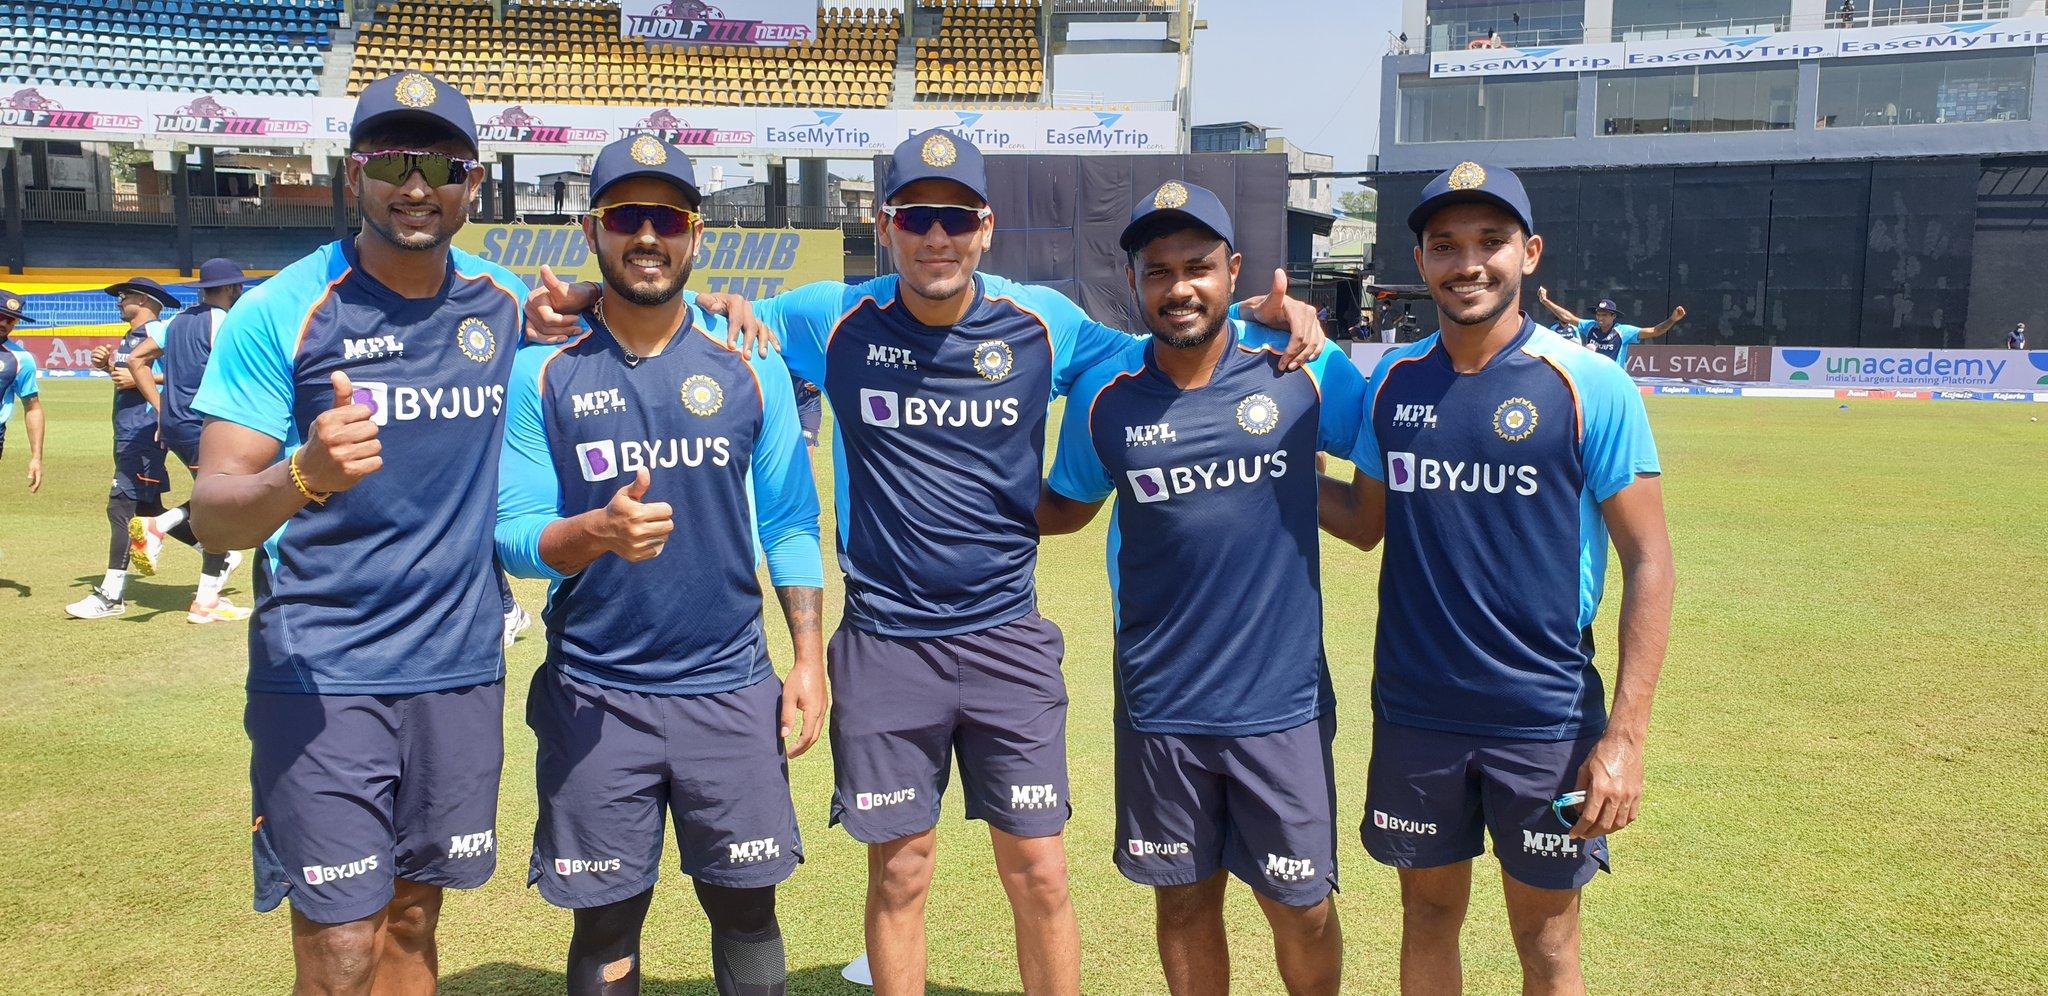 भारत के 5 डेब्यूटांट- (बाएं से) कृष्णप्पा गौतम, नीतीश राणा, राहुल चाहर, संजू सैमसन, चेतन साकरिया।